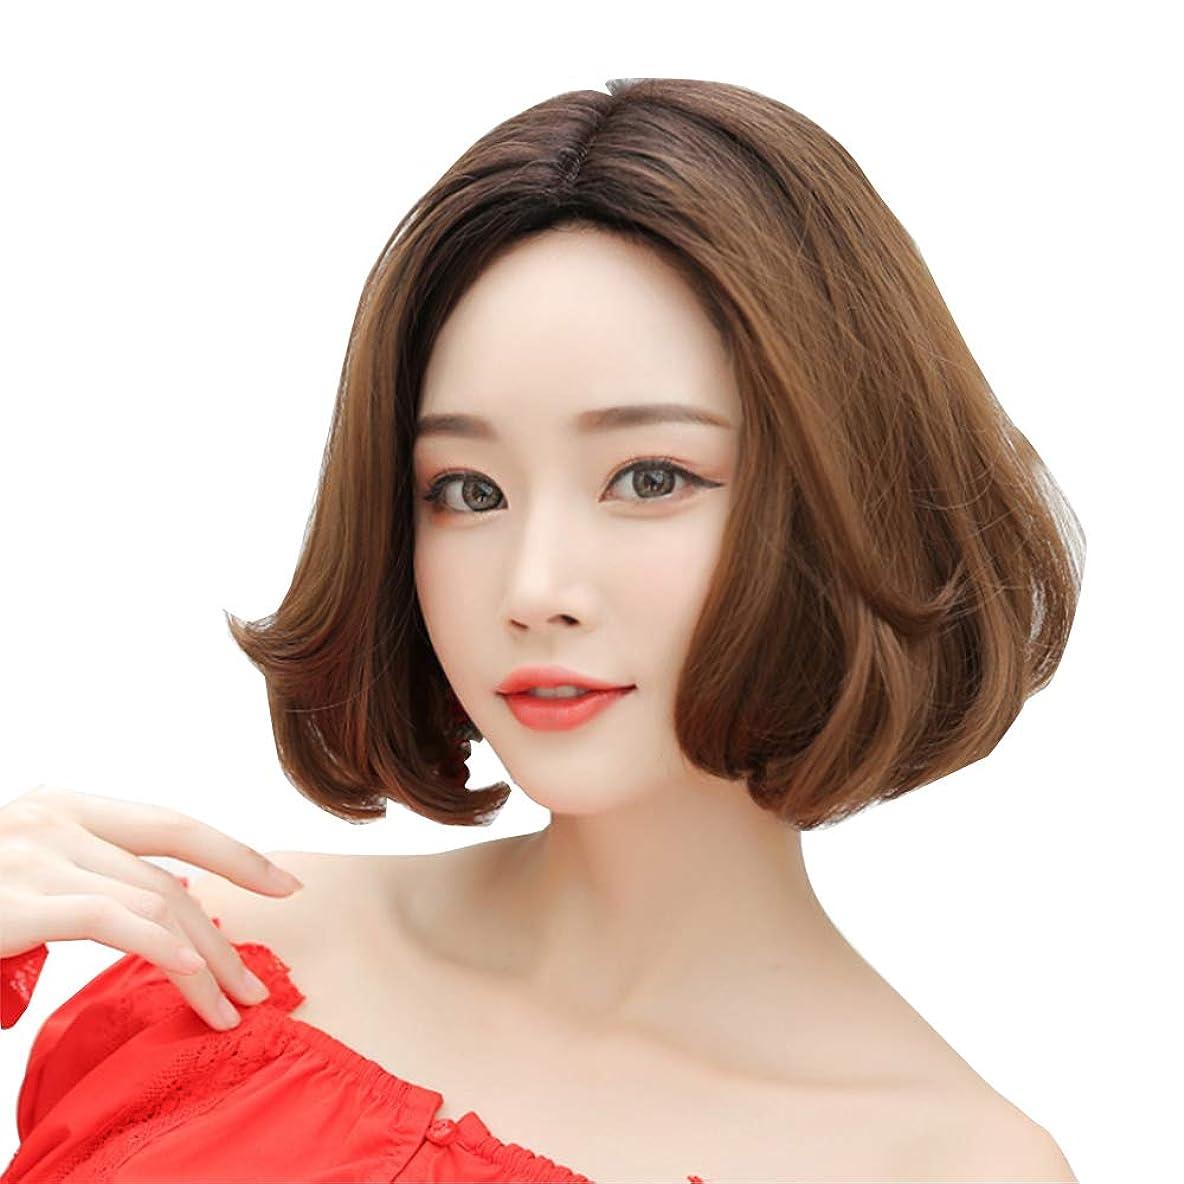 変成器スキッパー決定するウィッグショートヘア女性用ふわふわウェーブのかかった髪かつら自然な耐熱合成ファッションウィッグショートカーリーコスプレ、グレーオレンジ,Orange